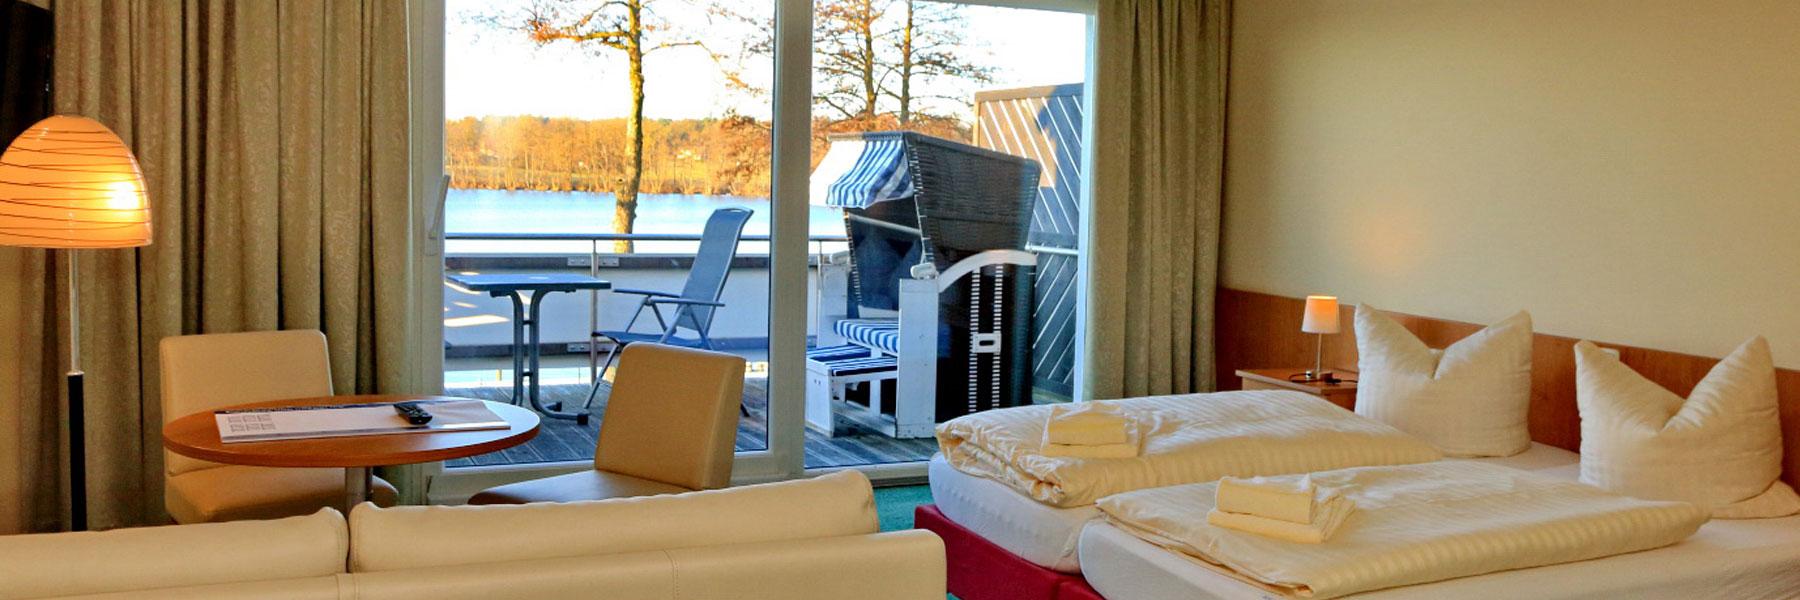 Zimmer - Strandhotel & Restaurant Mirow